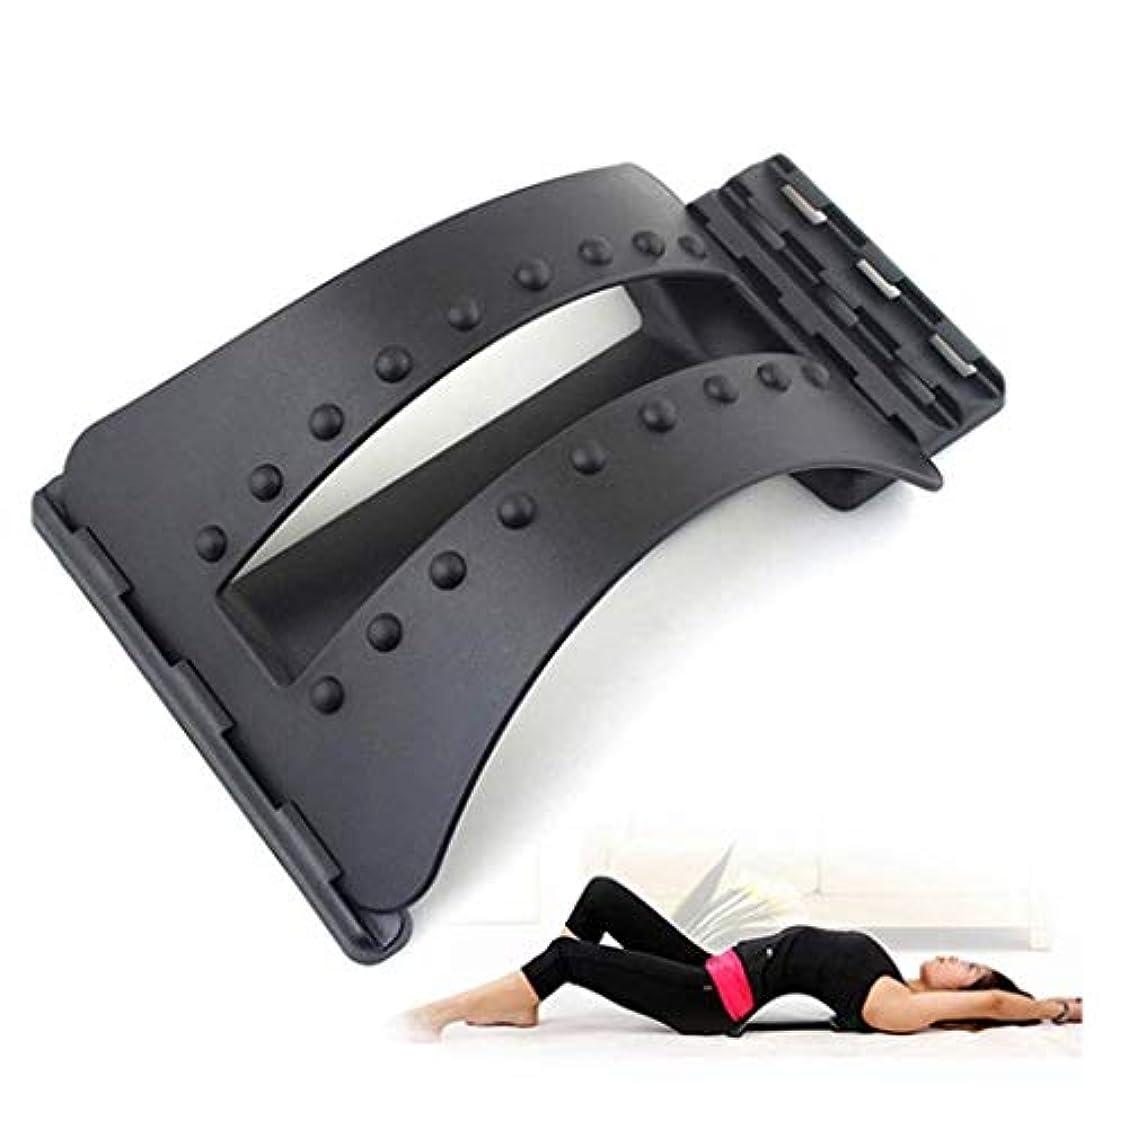 辞任天皇エラーバックマッサージ、マジックバックサポートとストレッチストレッチャーマジックストレッチャーバックストレッチャー腰椎サポートデバイスリラクゼーションパートナー脊椎の痛みを軽減する脊椎マッサージ療法